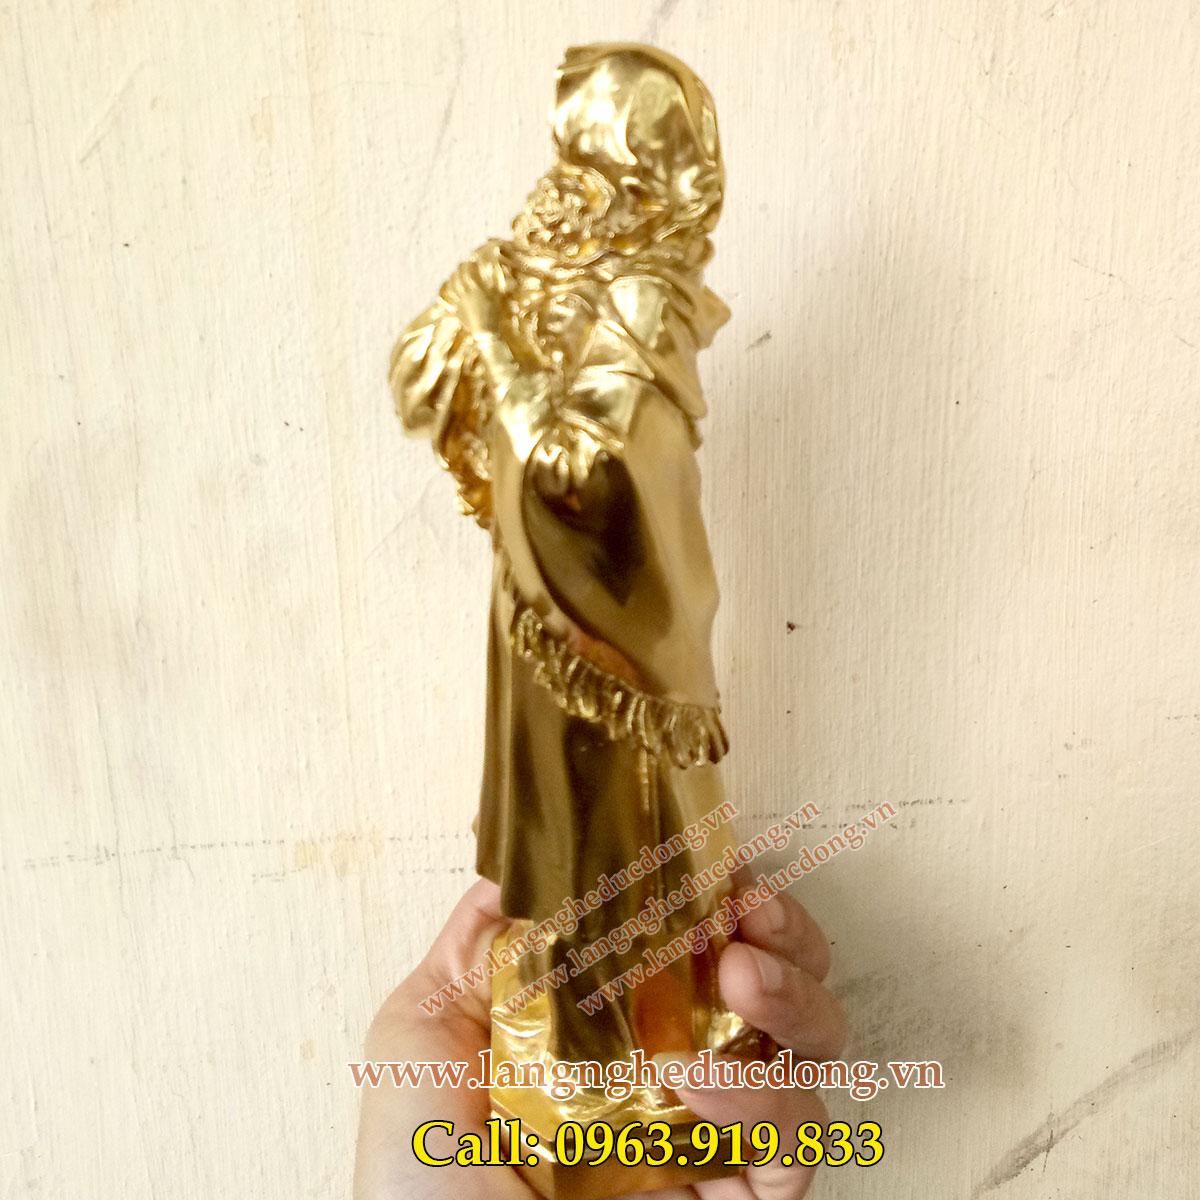 2 Tượng đức mẹ maria bằng đồng, tuong me maria, tượng thiên chúa giáo